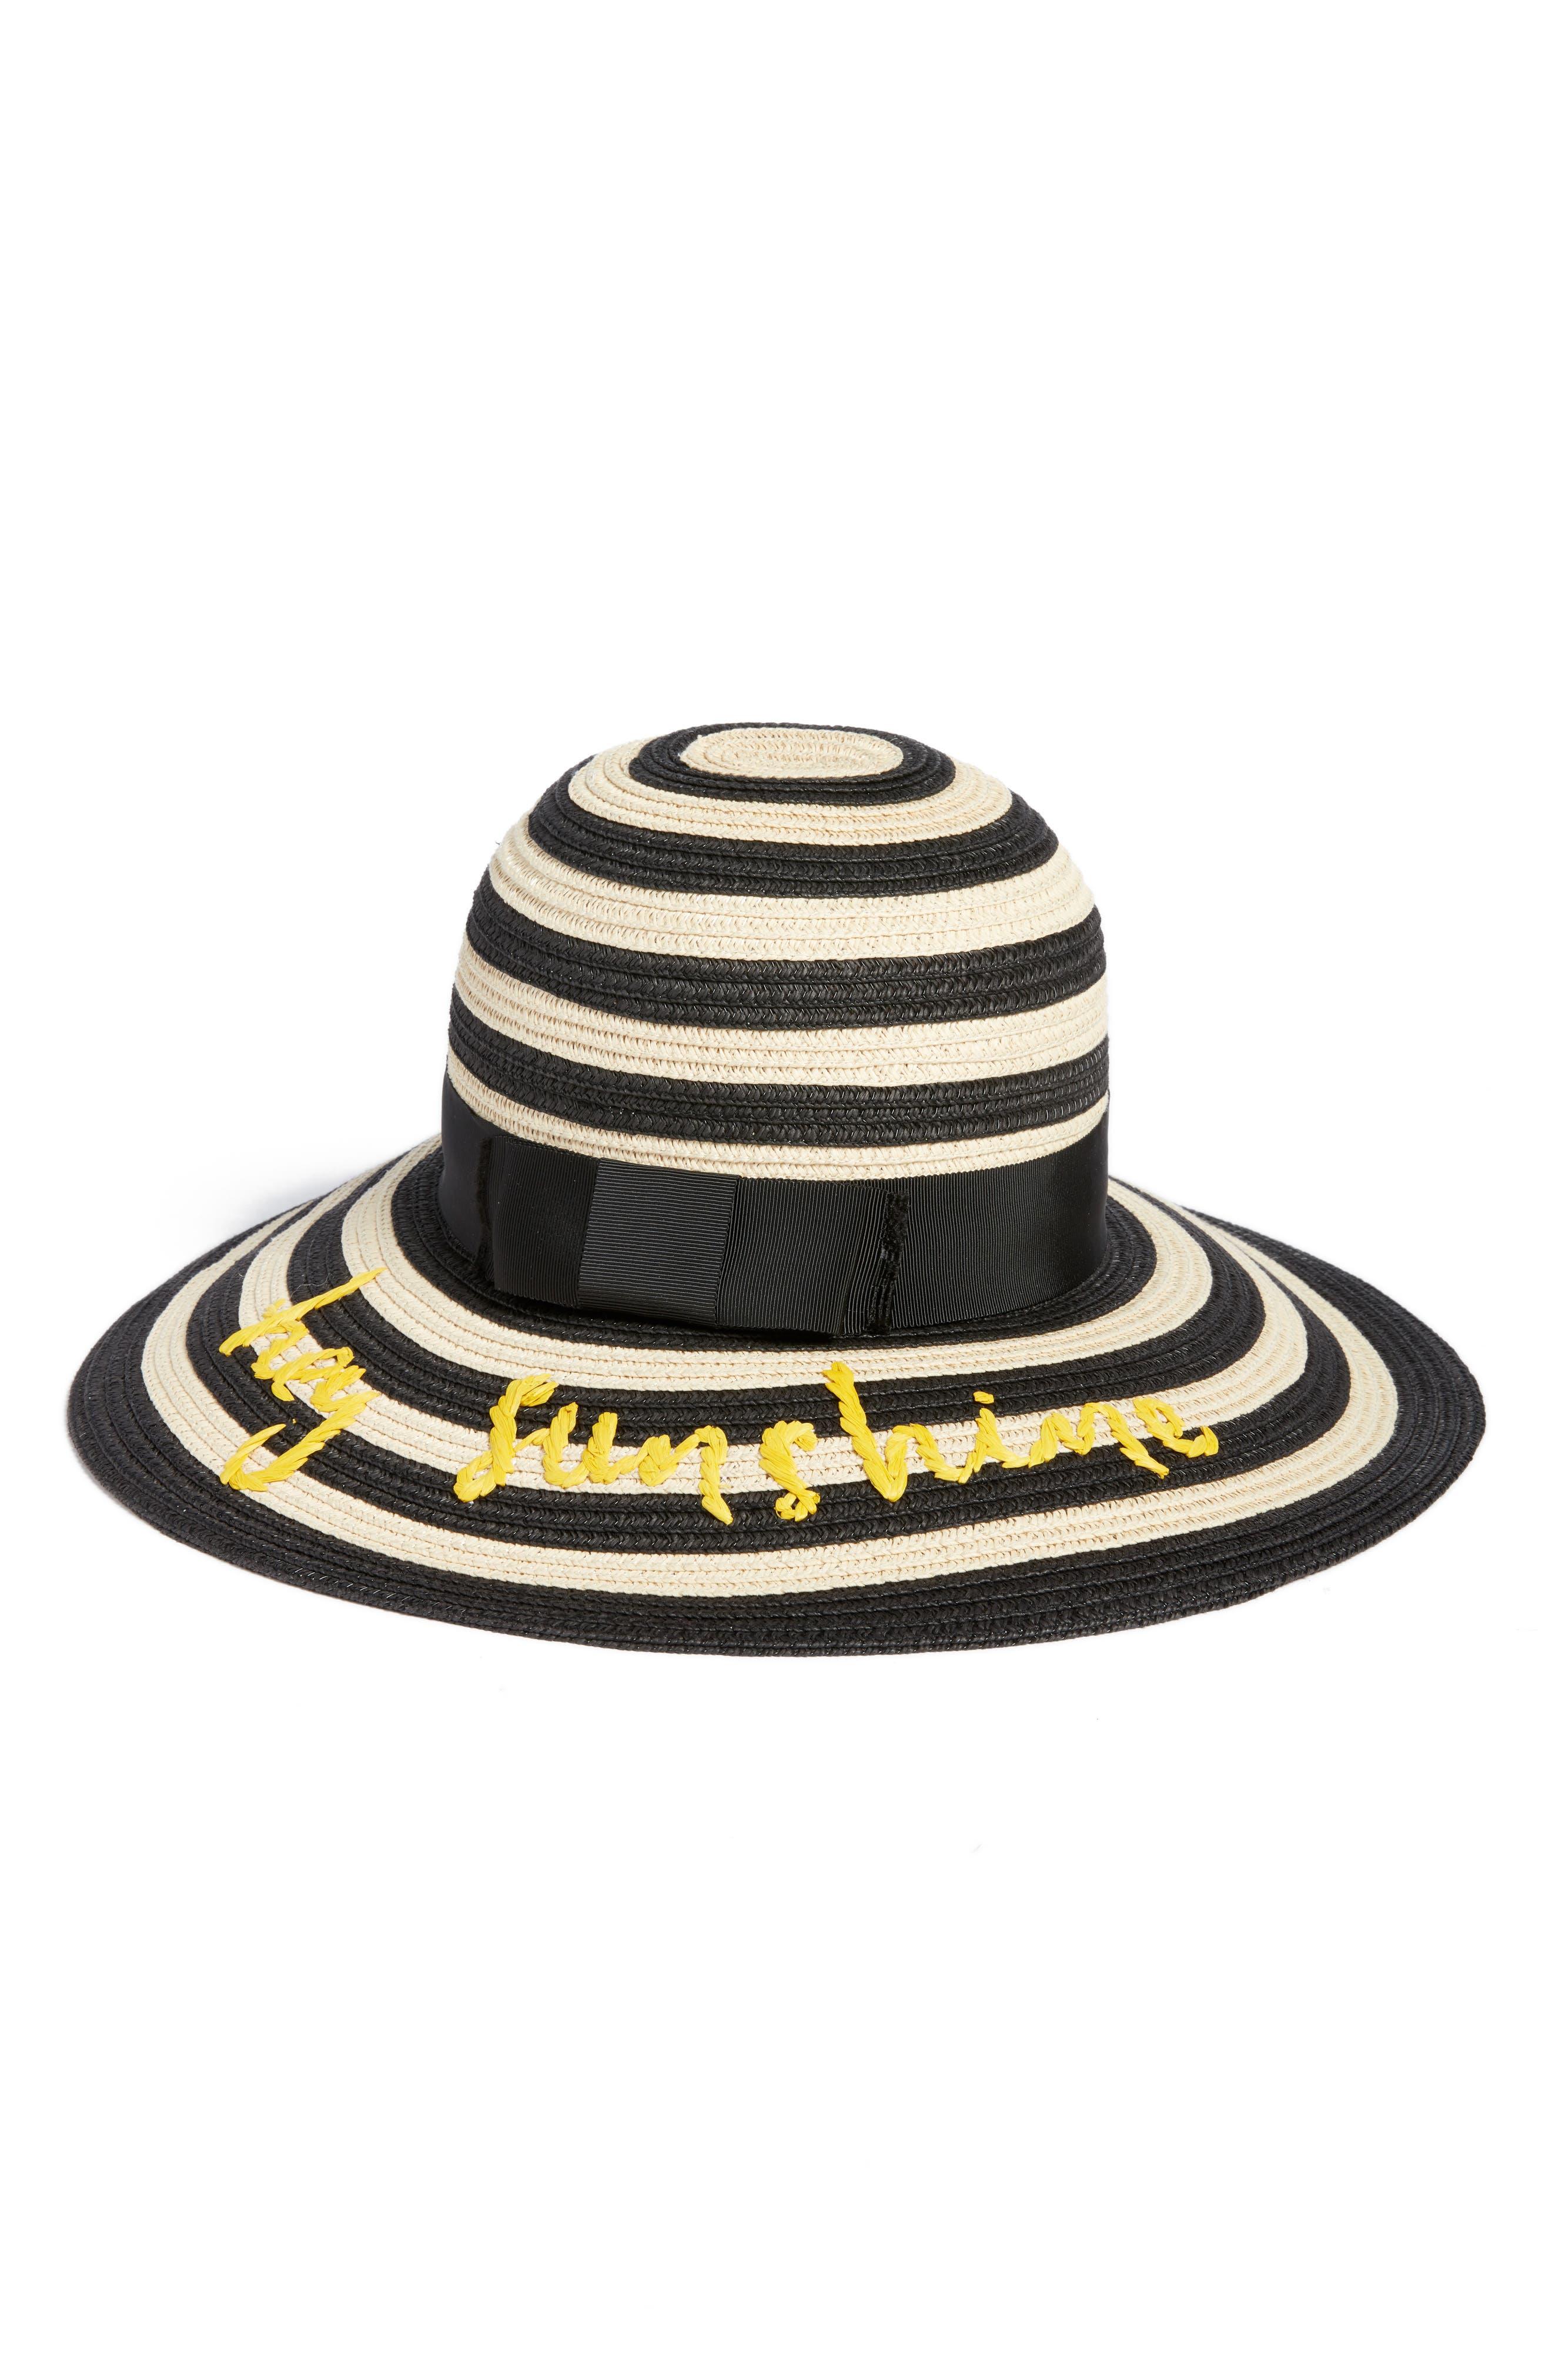 kate spade new york hey sunshine straw sun hat